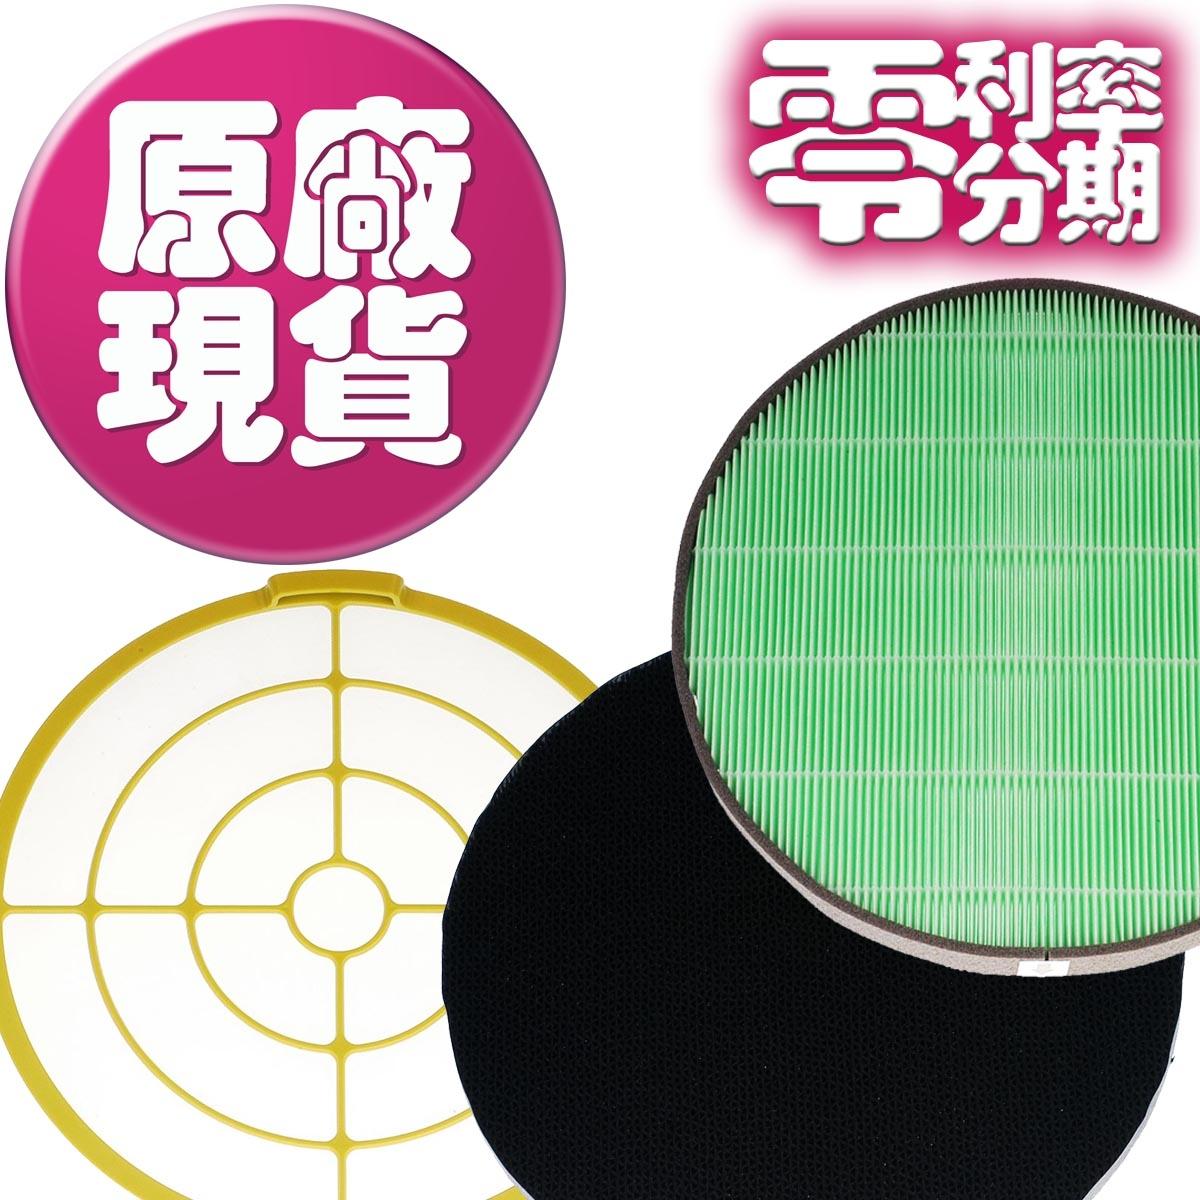 【LG耗材】大龍捲蝸牛 空氣清淨機 全配濾網組合包 24期零利率